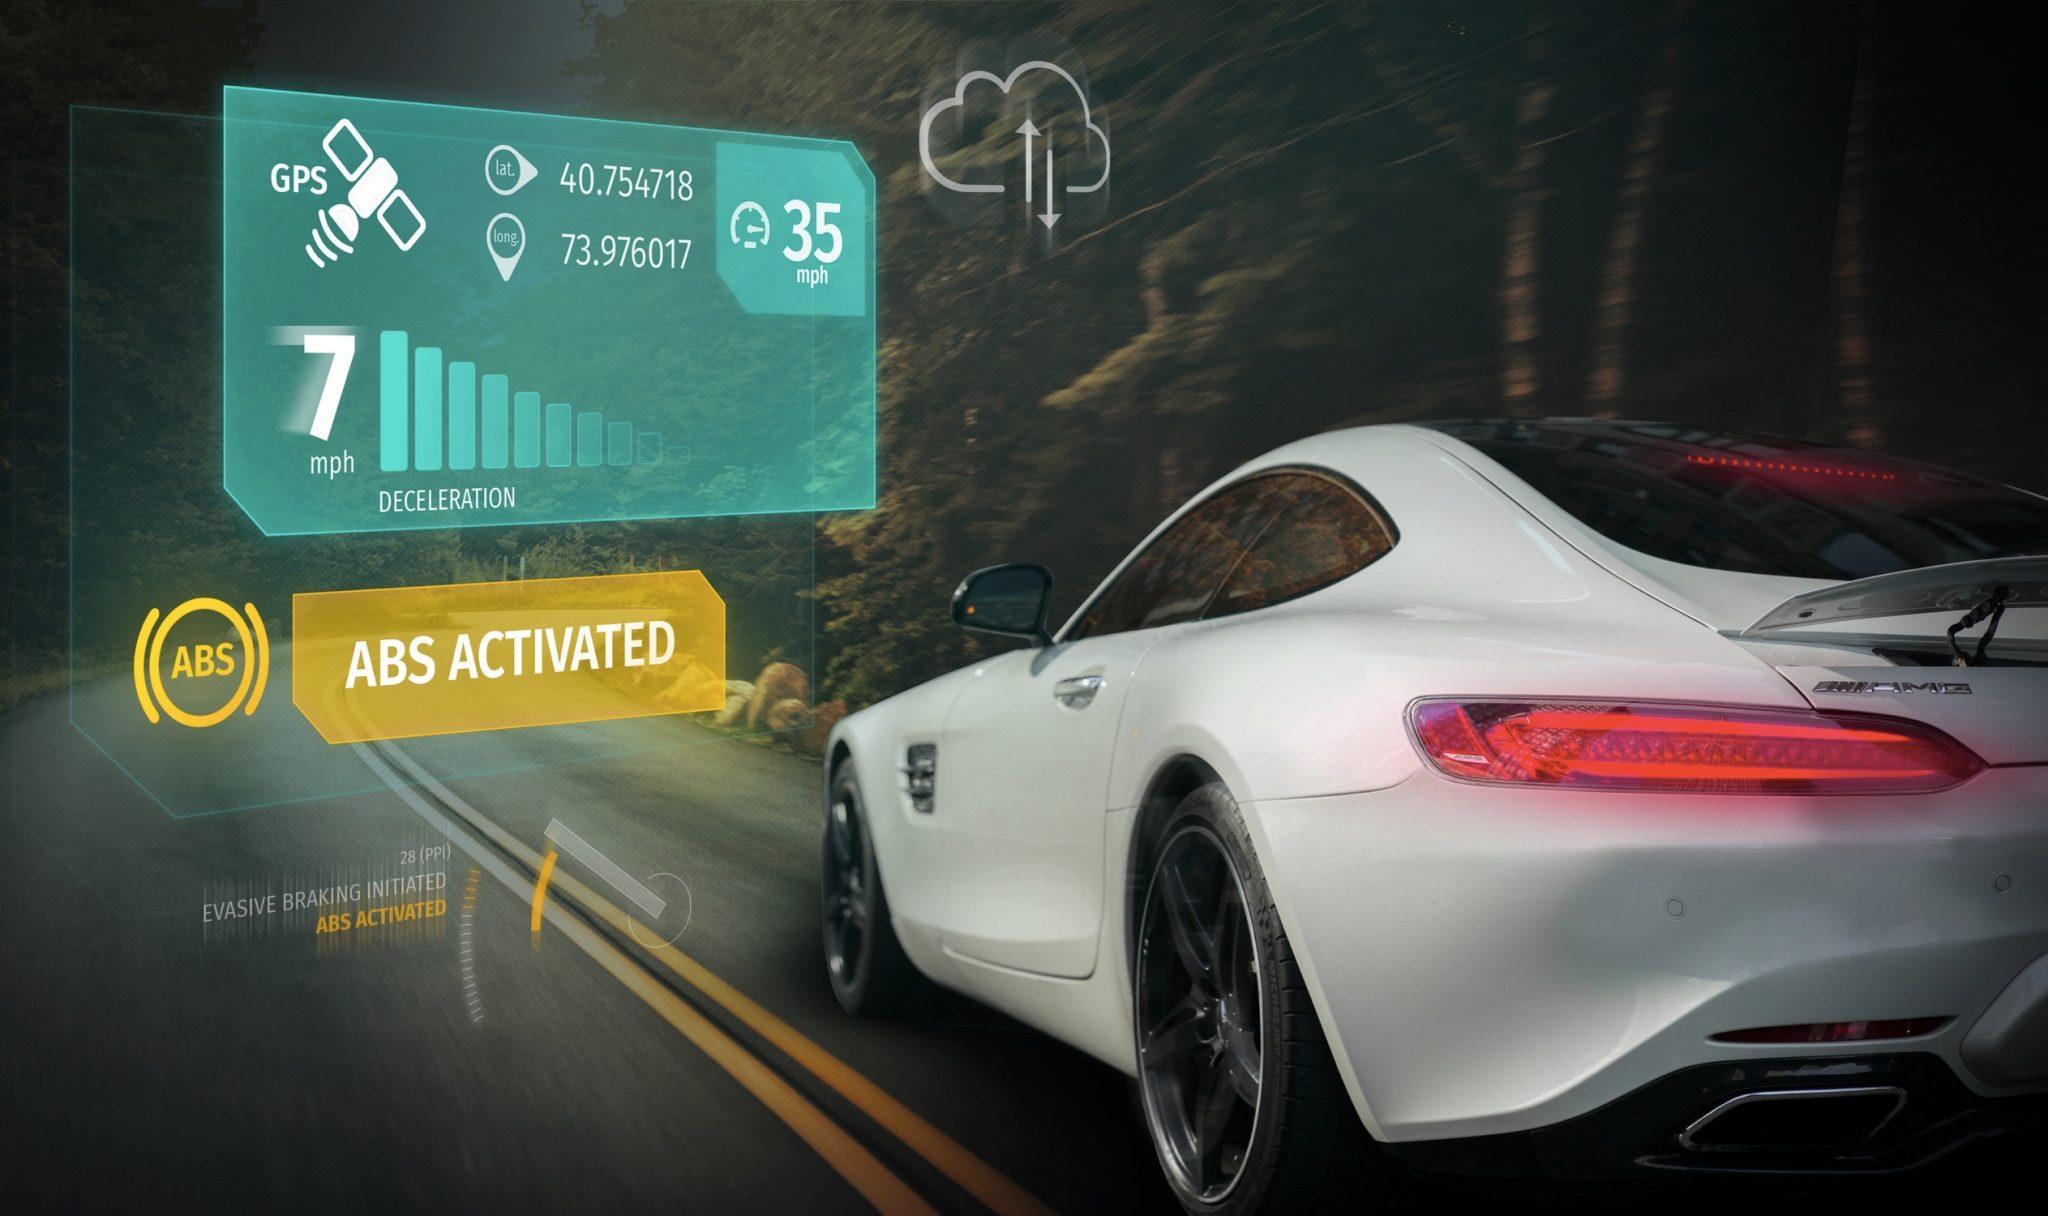 画像2: Audi, BMW and Mercedes Benz cars fitted with on-board sensors are to share information in real time about on-s [...] The post 独HEREとクルマメーカー連合がリアルタイム走行データの収集と通知サービスを2017年から開始 【@maskin】 appeared first on TechWave テックウェーブ. techwave.jp